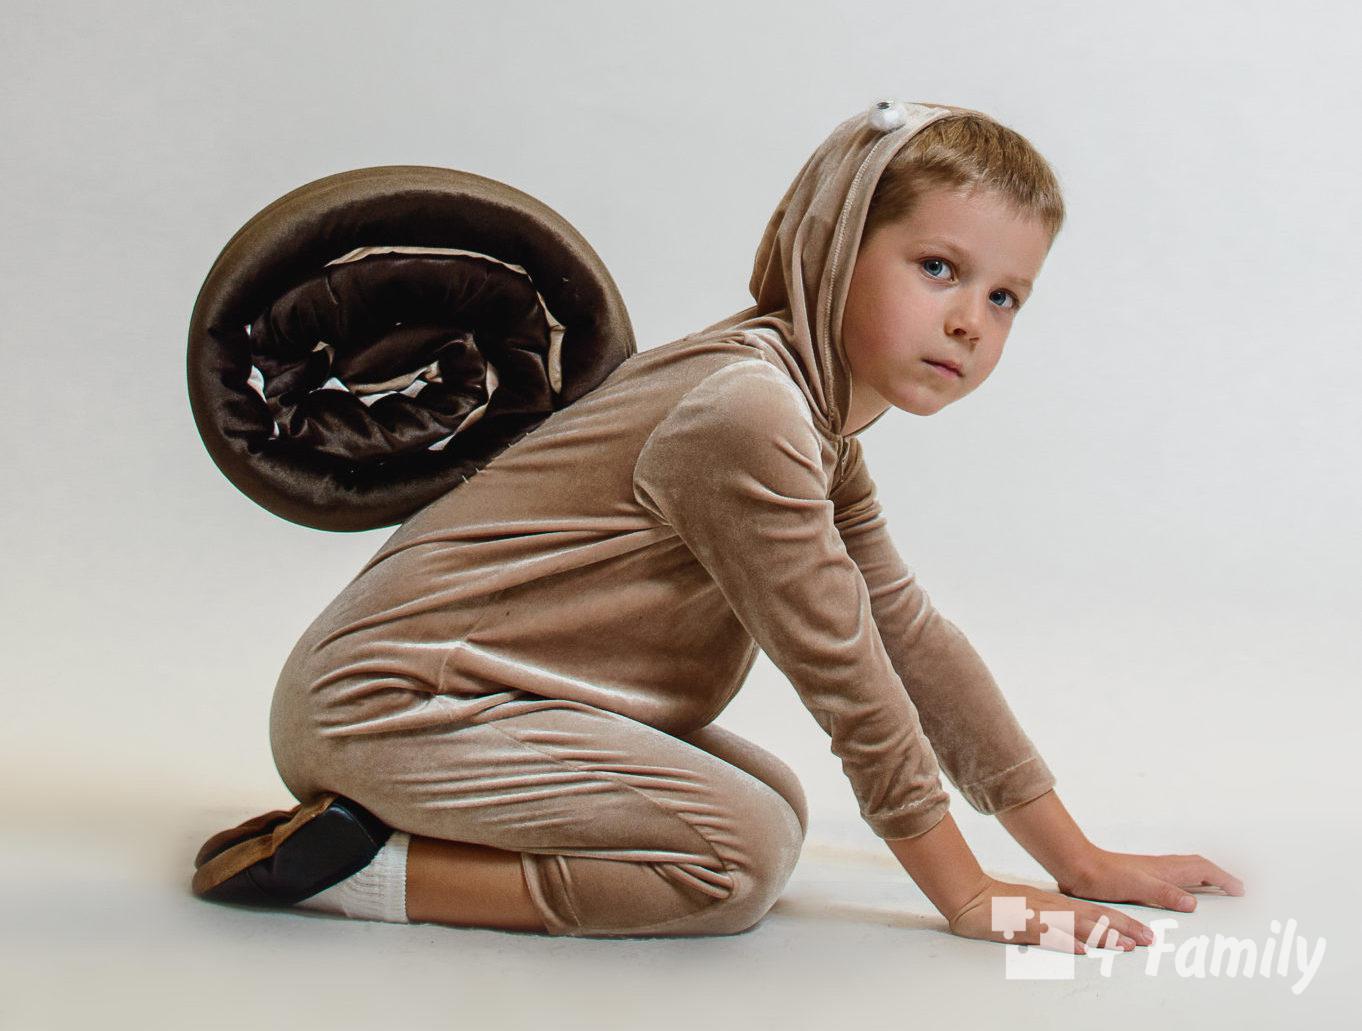 Как сделать костюм улитки для ребенка